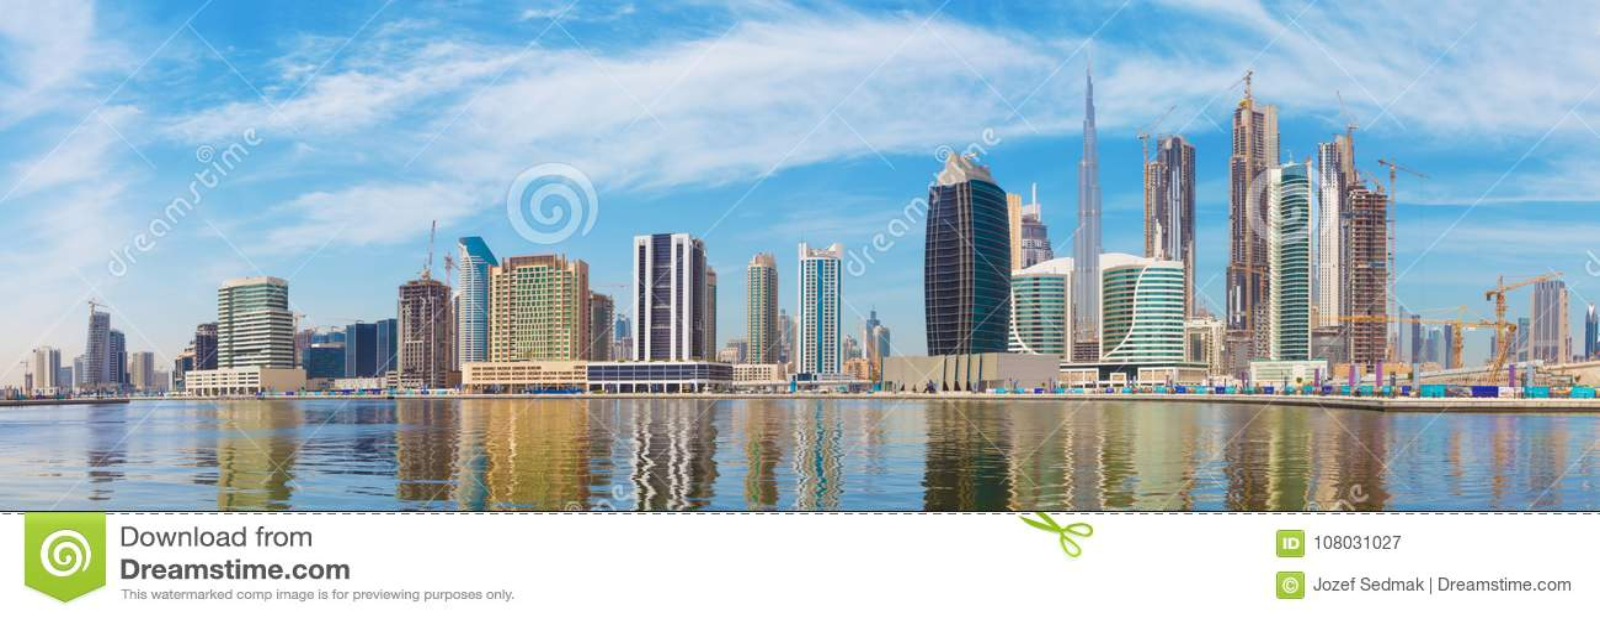 Дубай - панорама с новыми каналом и небоскребами центра города